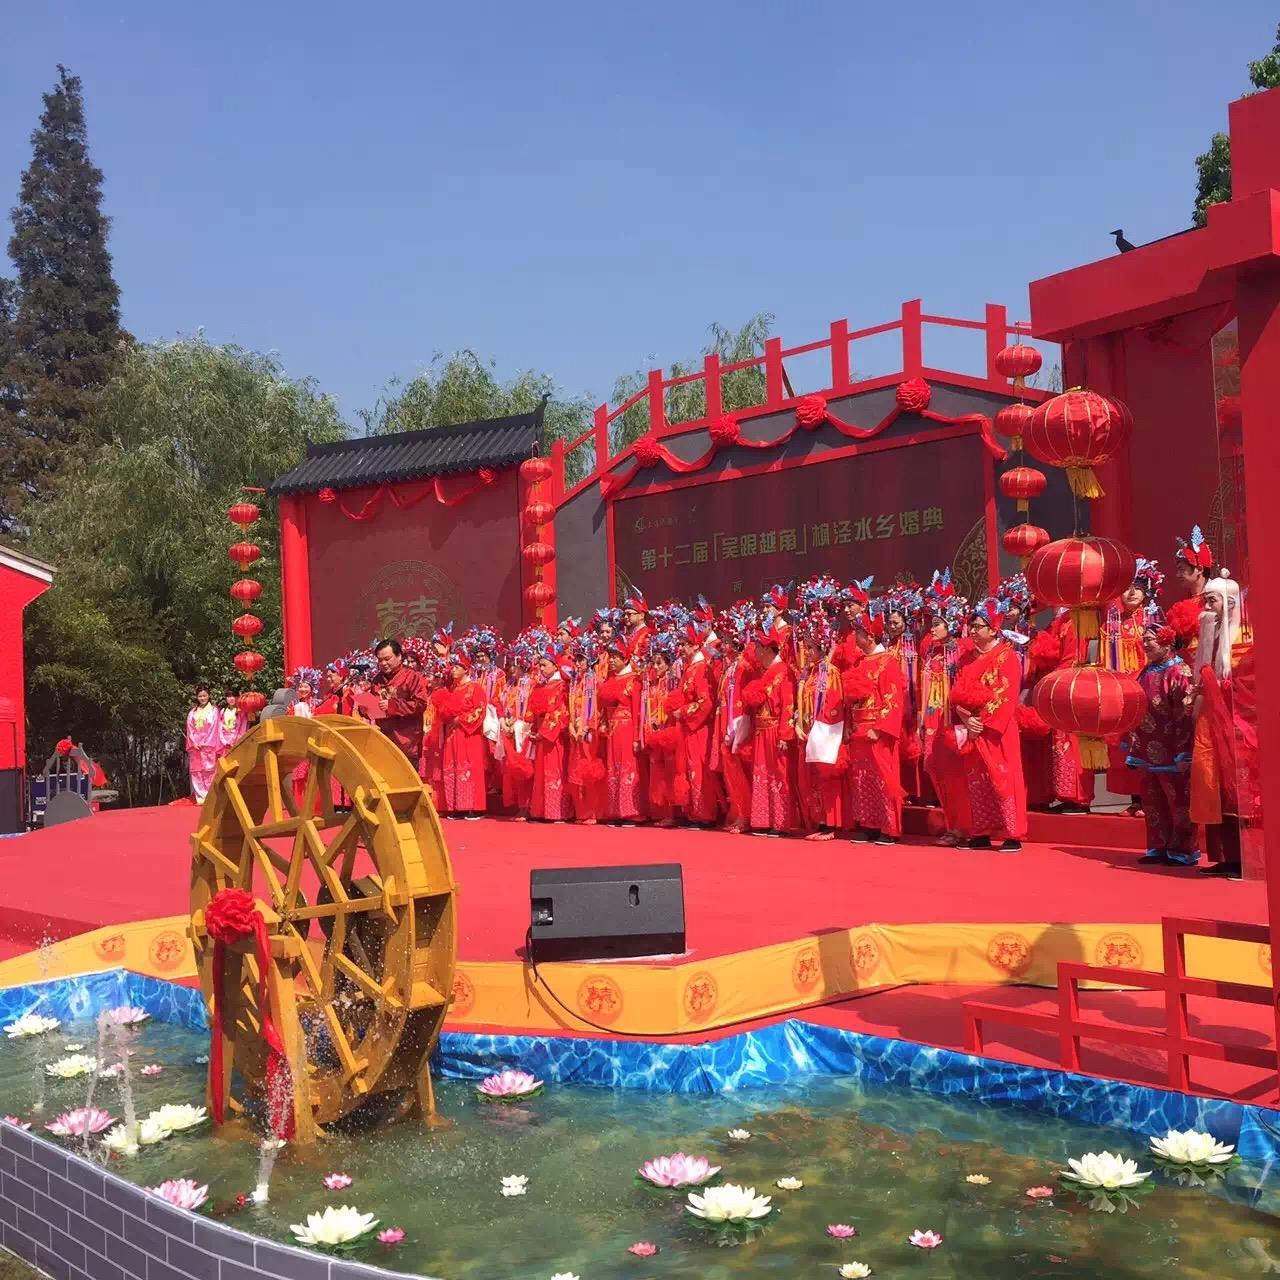 枫泾古镇景区活动和旅游节庆_上海朱家角古镇旅游详细介绍上海朱家角古镇